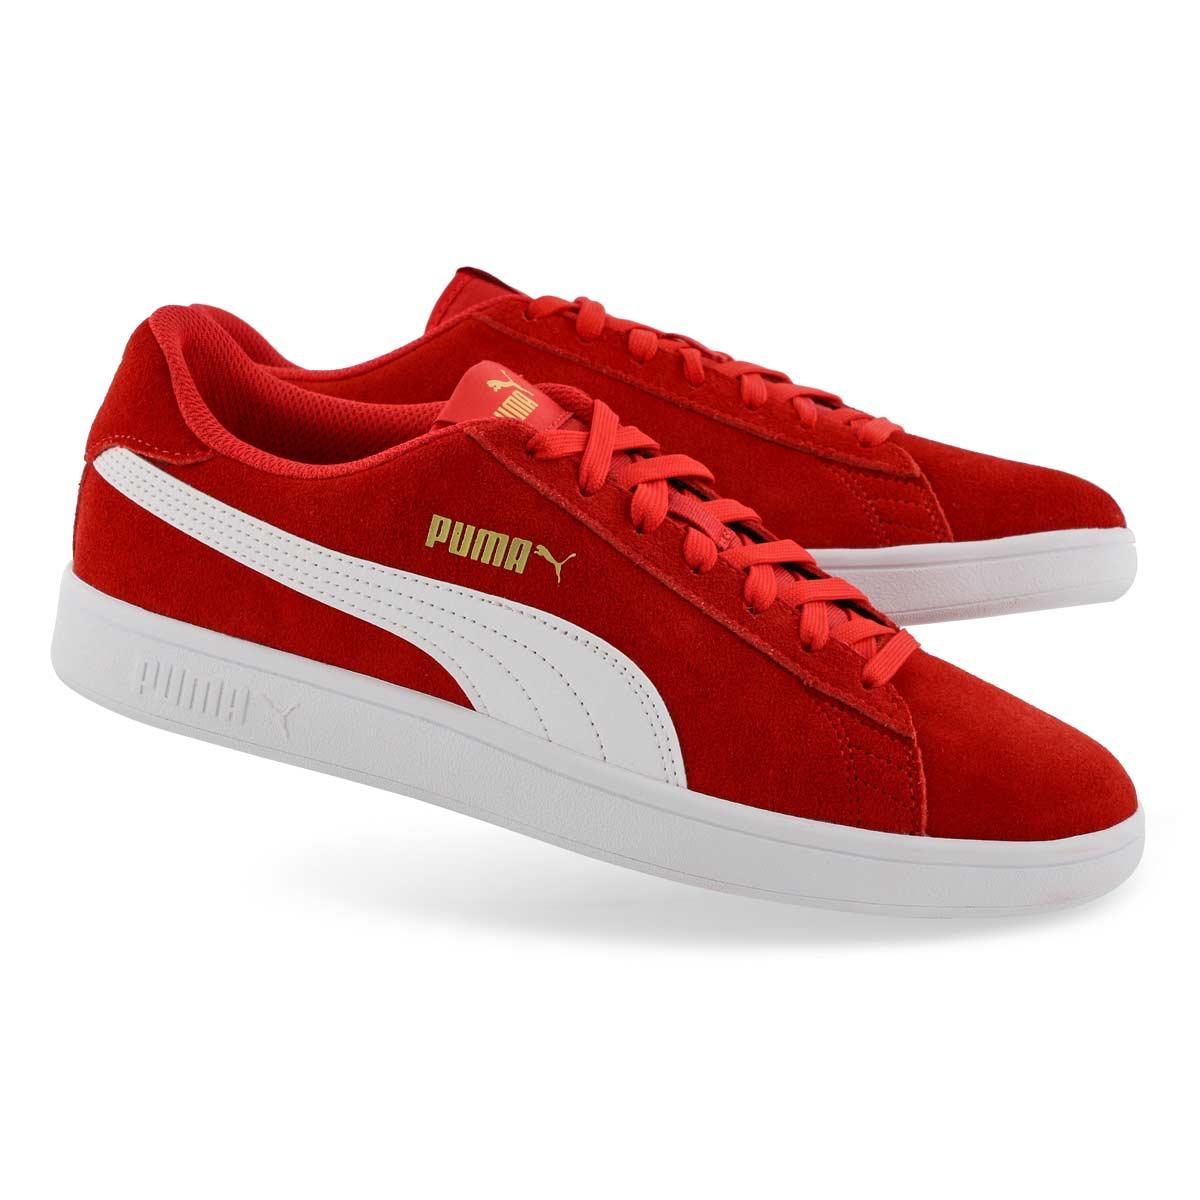 Mns Puma Smash v2 red/white sneaker